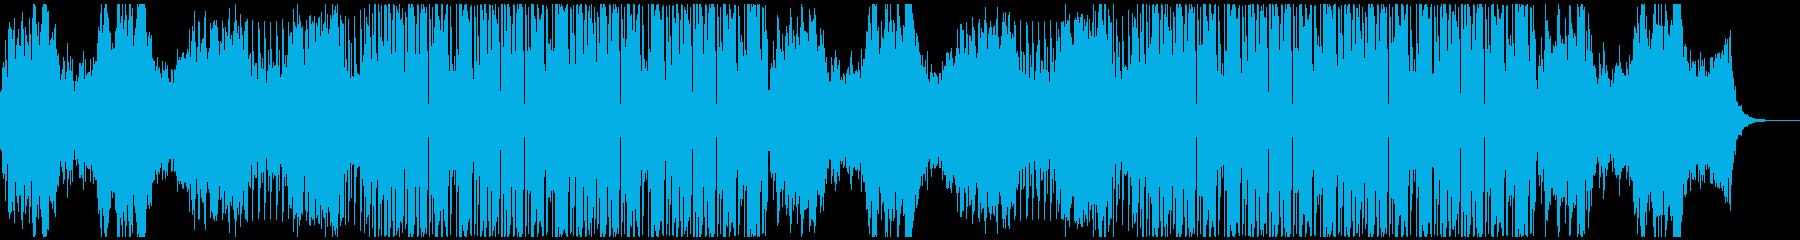 ごちゃ混ぜのコンプレックスエレクトロの再生済みの波形